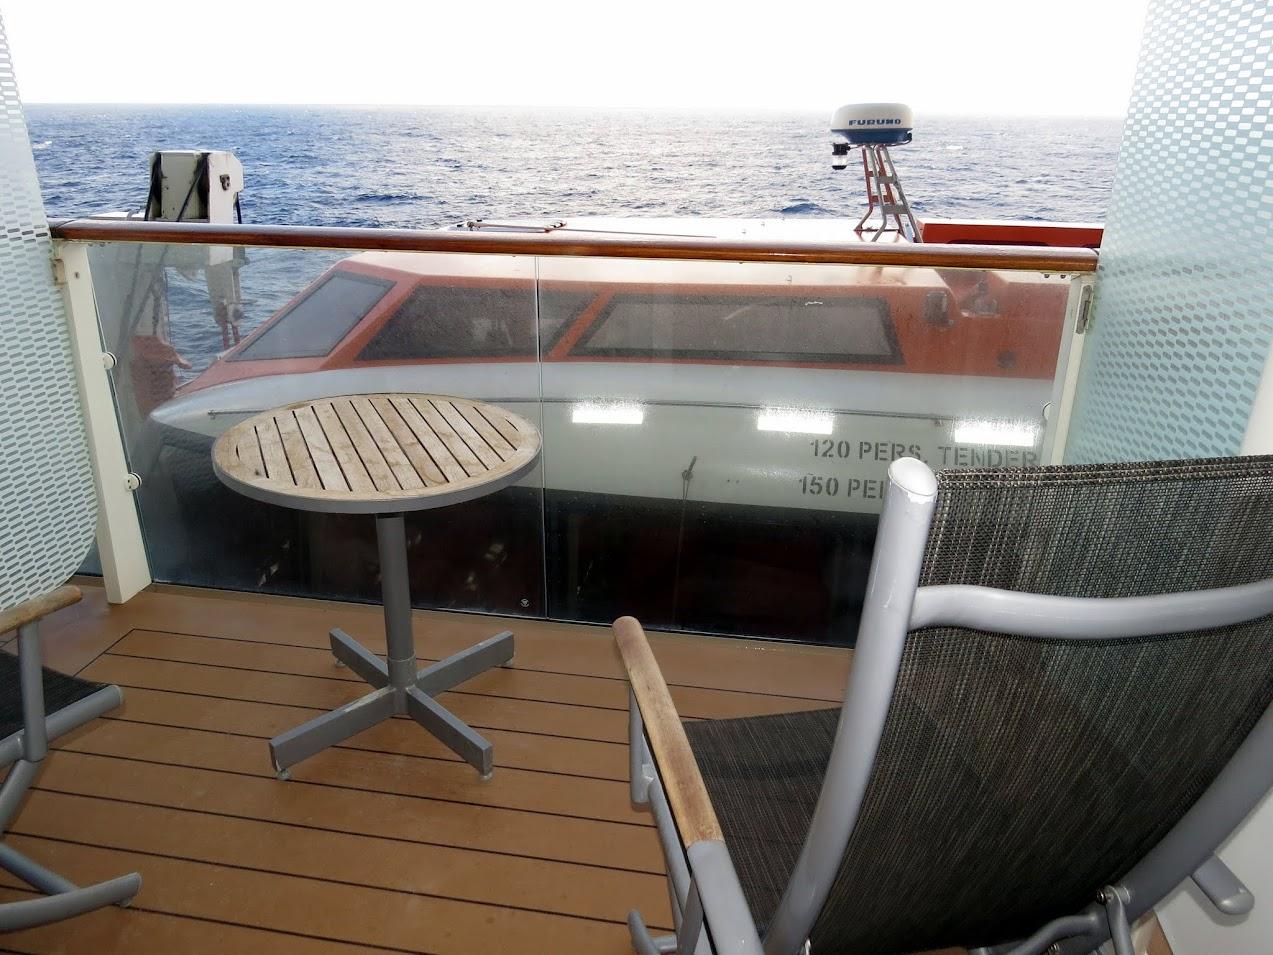 Celebrity Equinox - самый лучший круизный лайнер